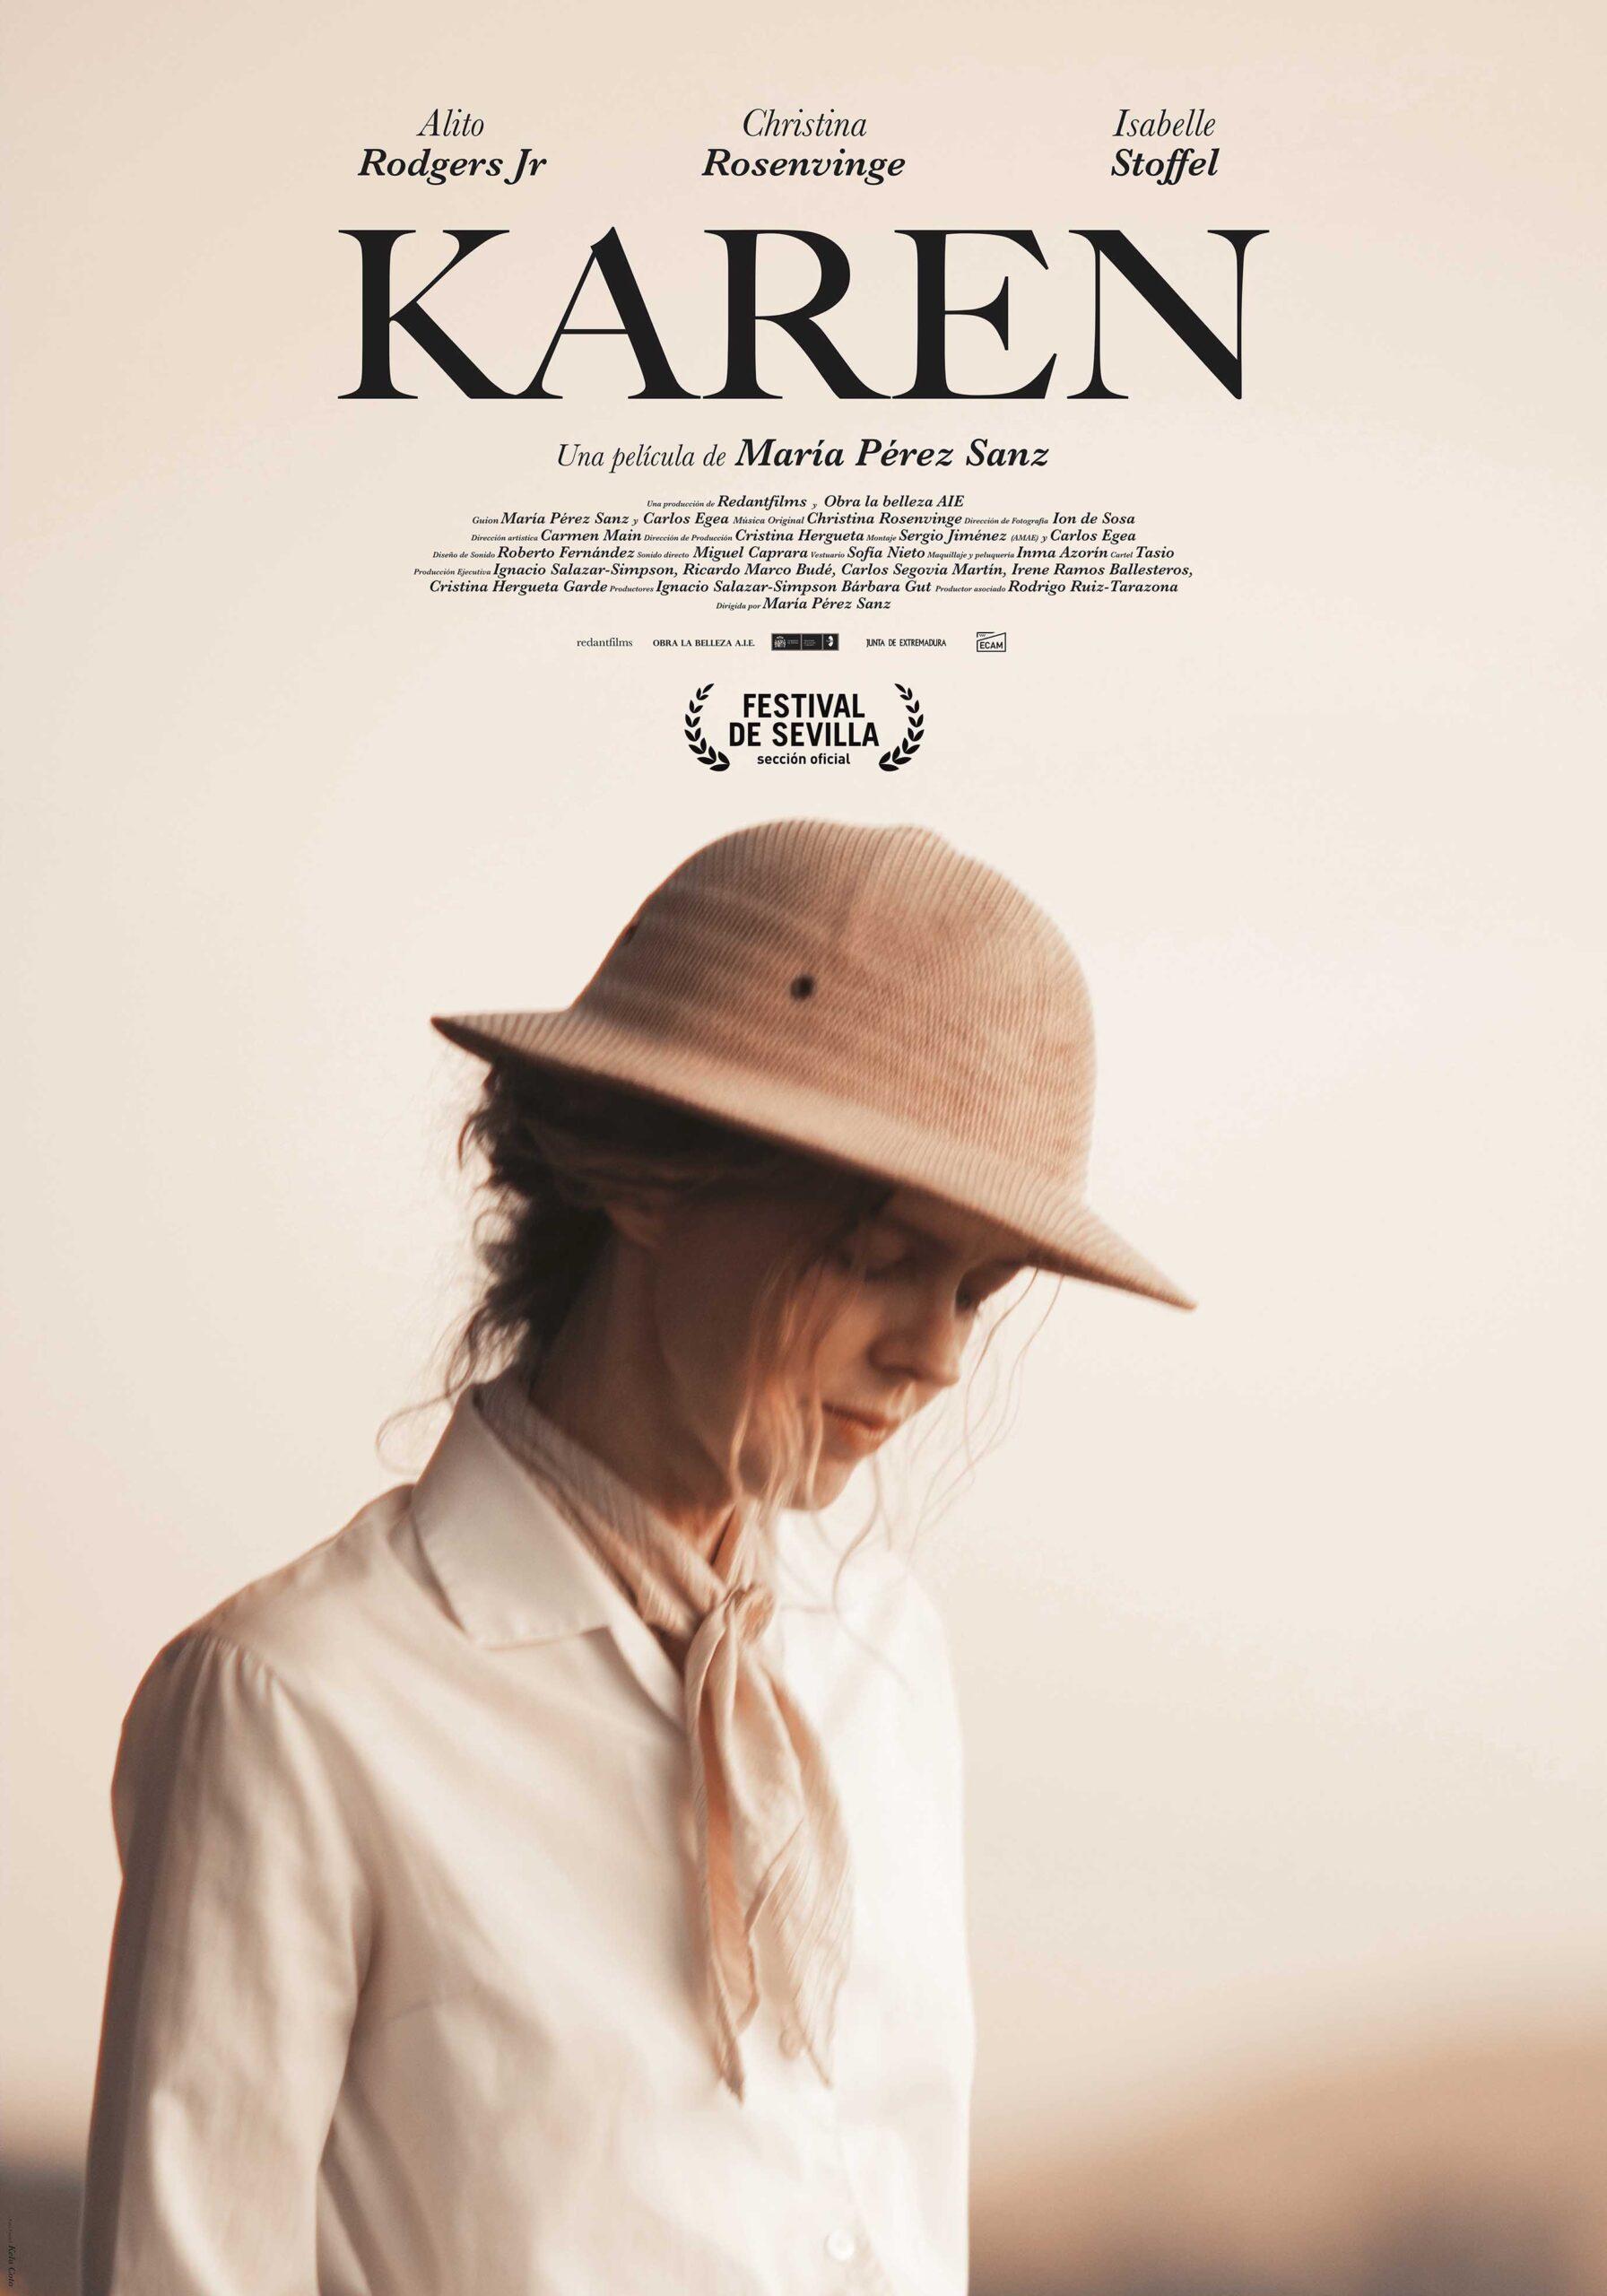 Entrevistamos por 'Karen' a Christina Rosenvinge y María Pérez Sanz